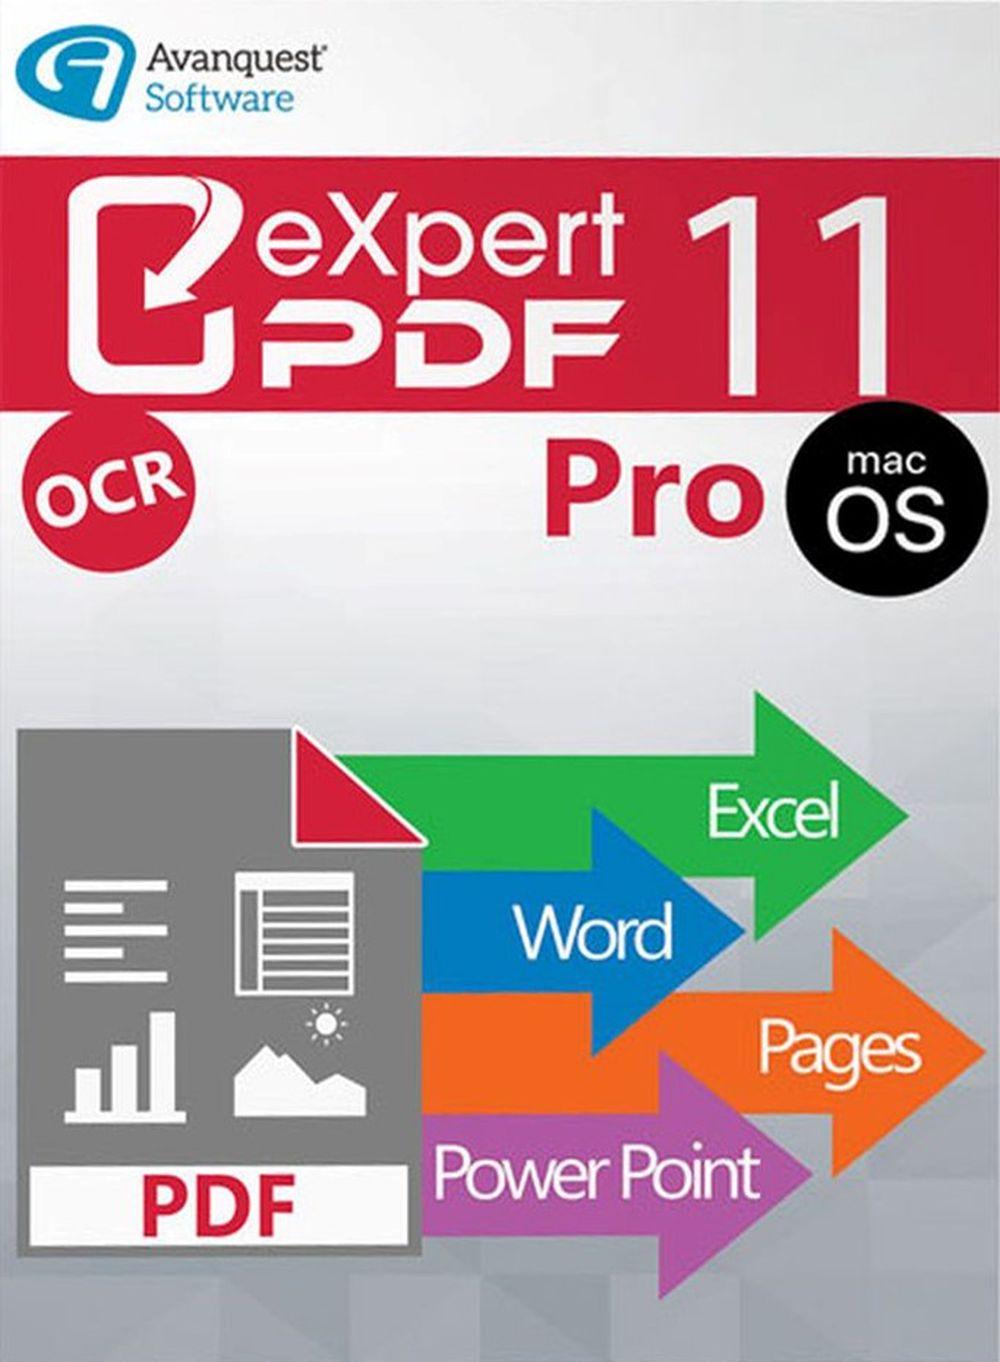 eXpert PDF 11 Pro - Bearbeiten Sie Ihre PDF-Dateien einfach, schnell und präzise! Auch für Mac OS 10.13 High Sierra [Online Code]